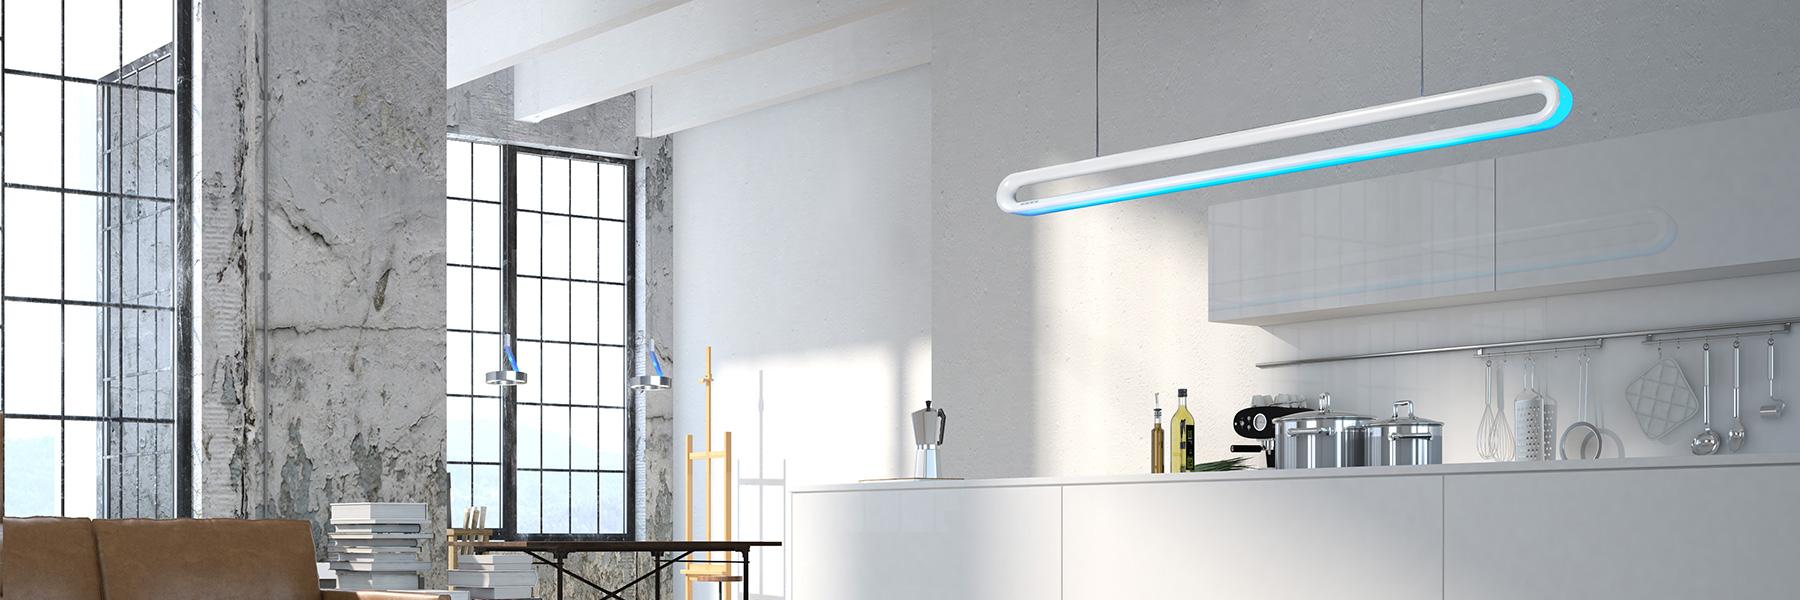 Lichtmanufaktur München loop line sigllicht preisgekrönte designer leuchten